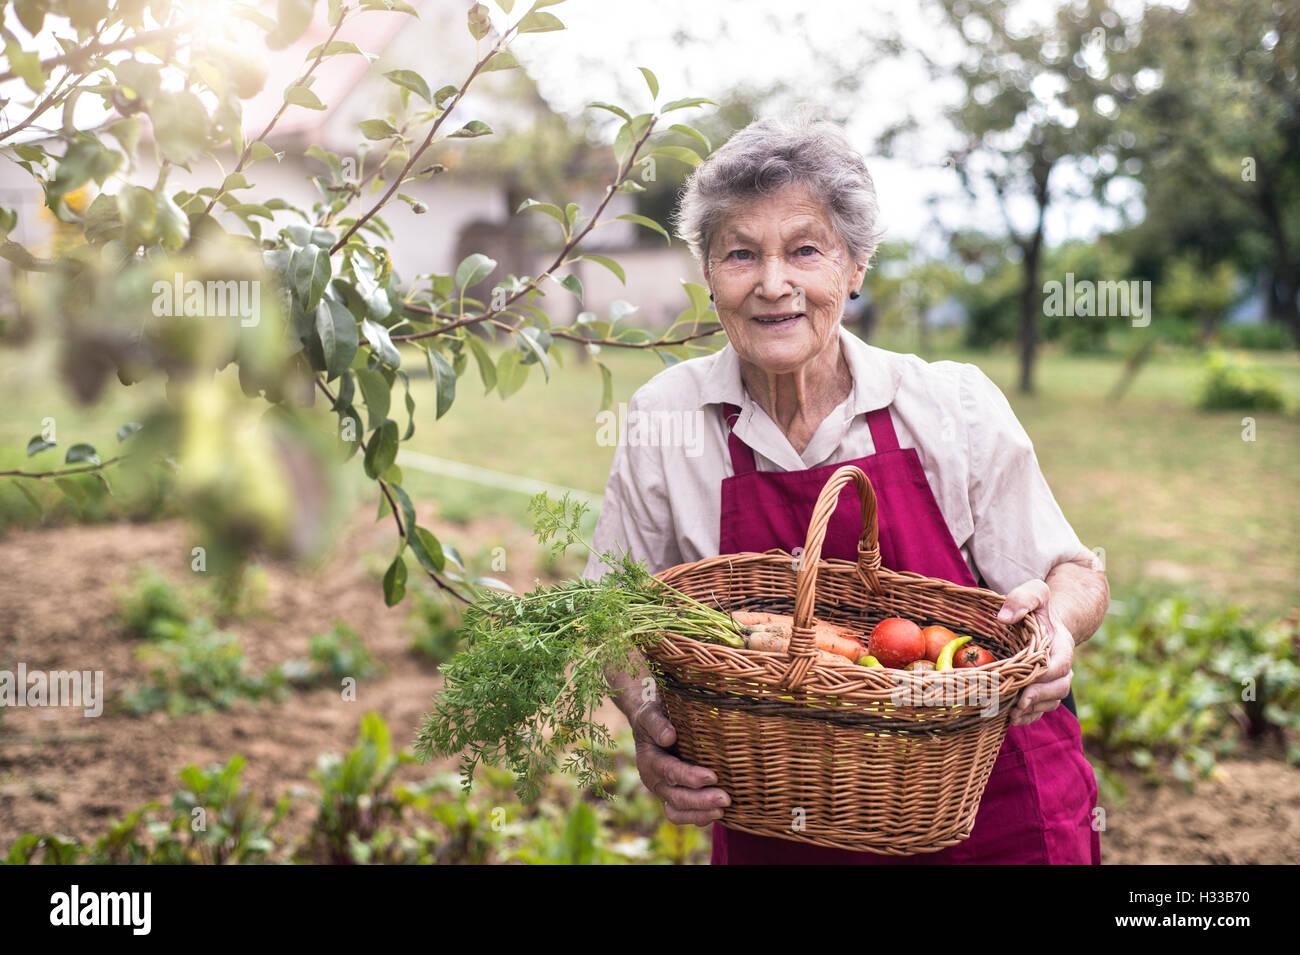 Senior woman in her garden harvesting vegetables. Summer garden. Stock Photo